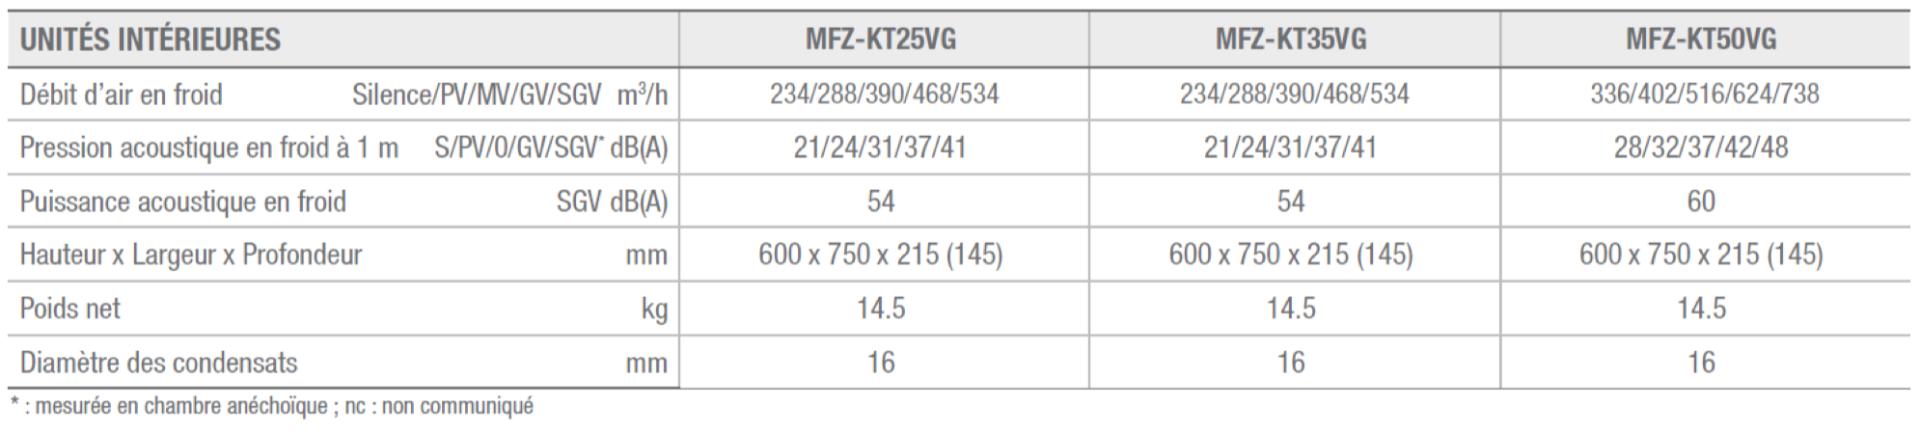 tableau caractéristiques techniques console de luxe MFZ-KT au R32